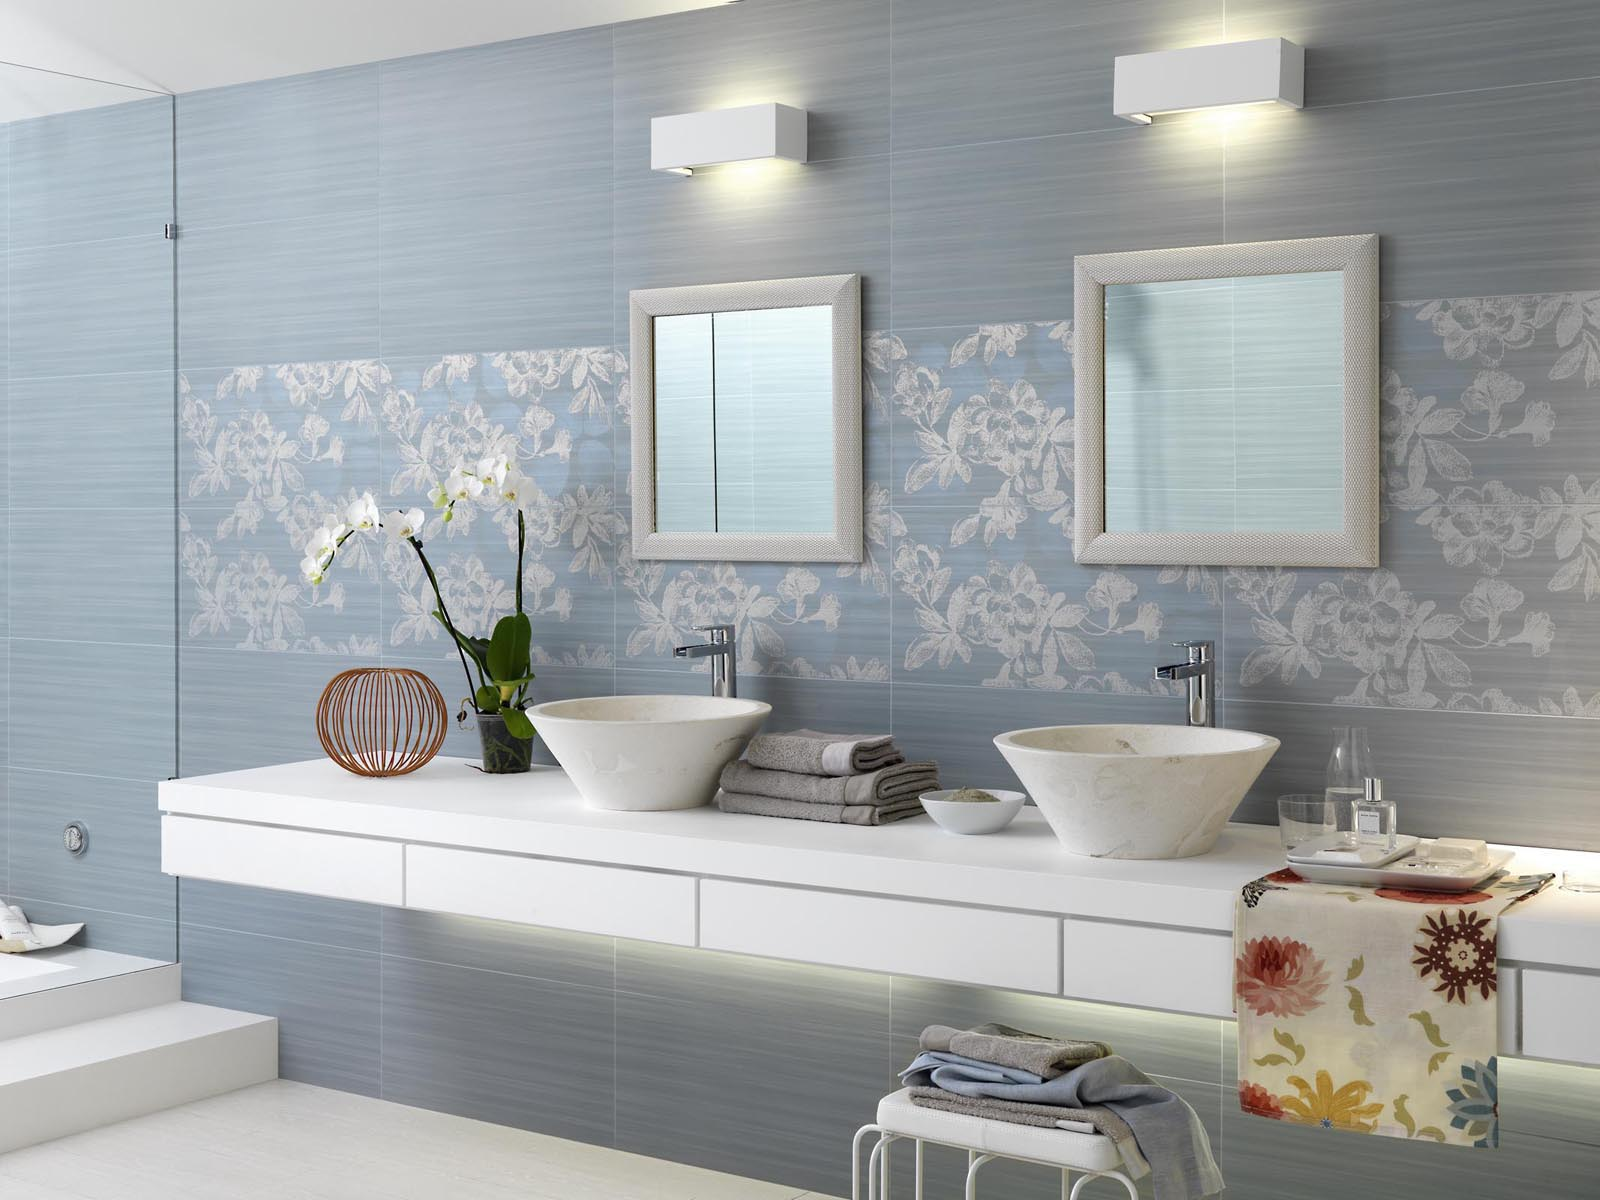 Bagni Con Piastrelle A Mosaico.Piastrelle Bagno Mosaico Azzurro Simple Bagni Design Mosaico Serie